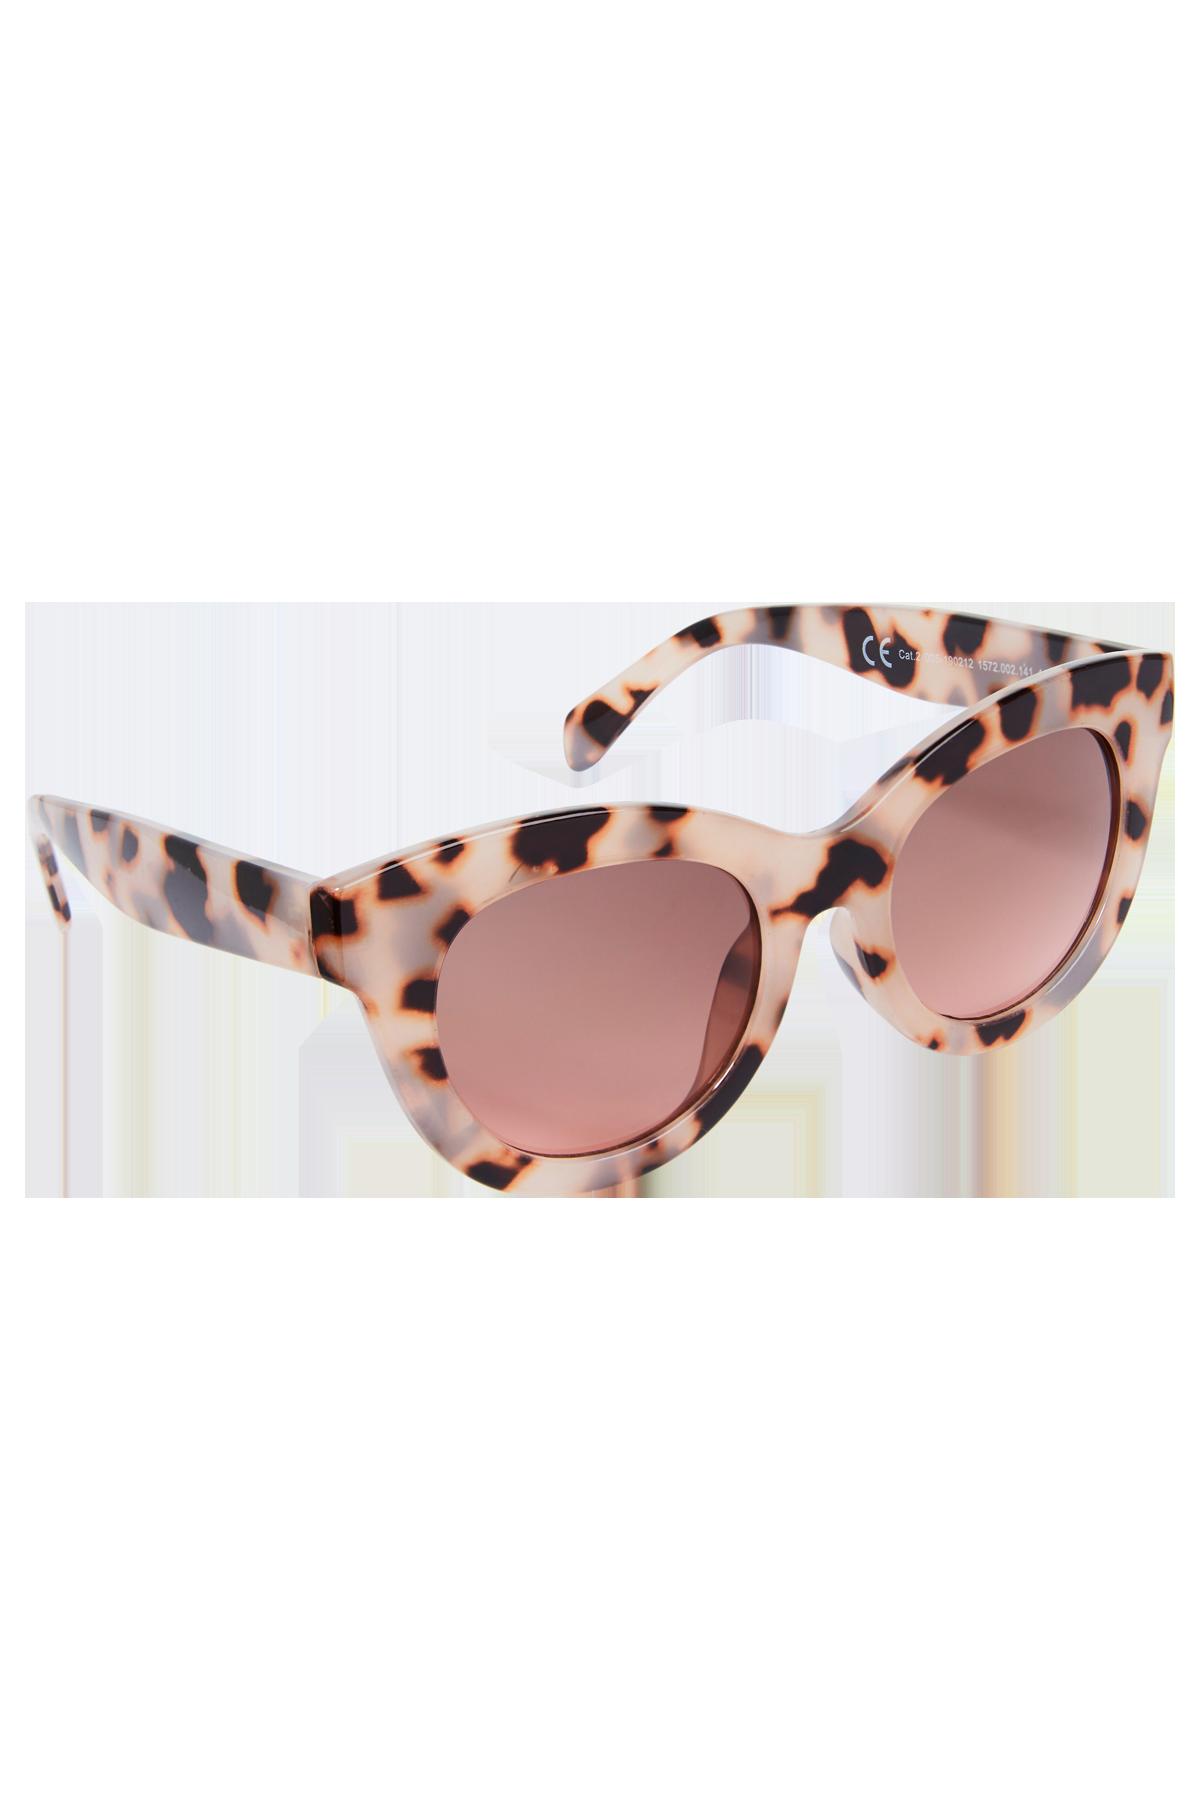 Sun glasses Teyla